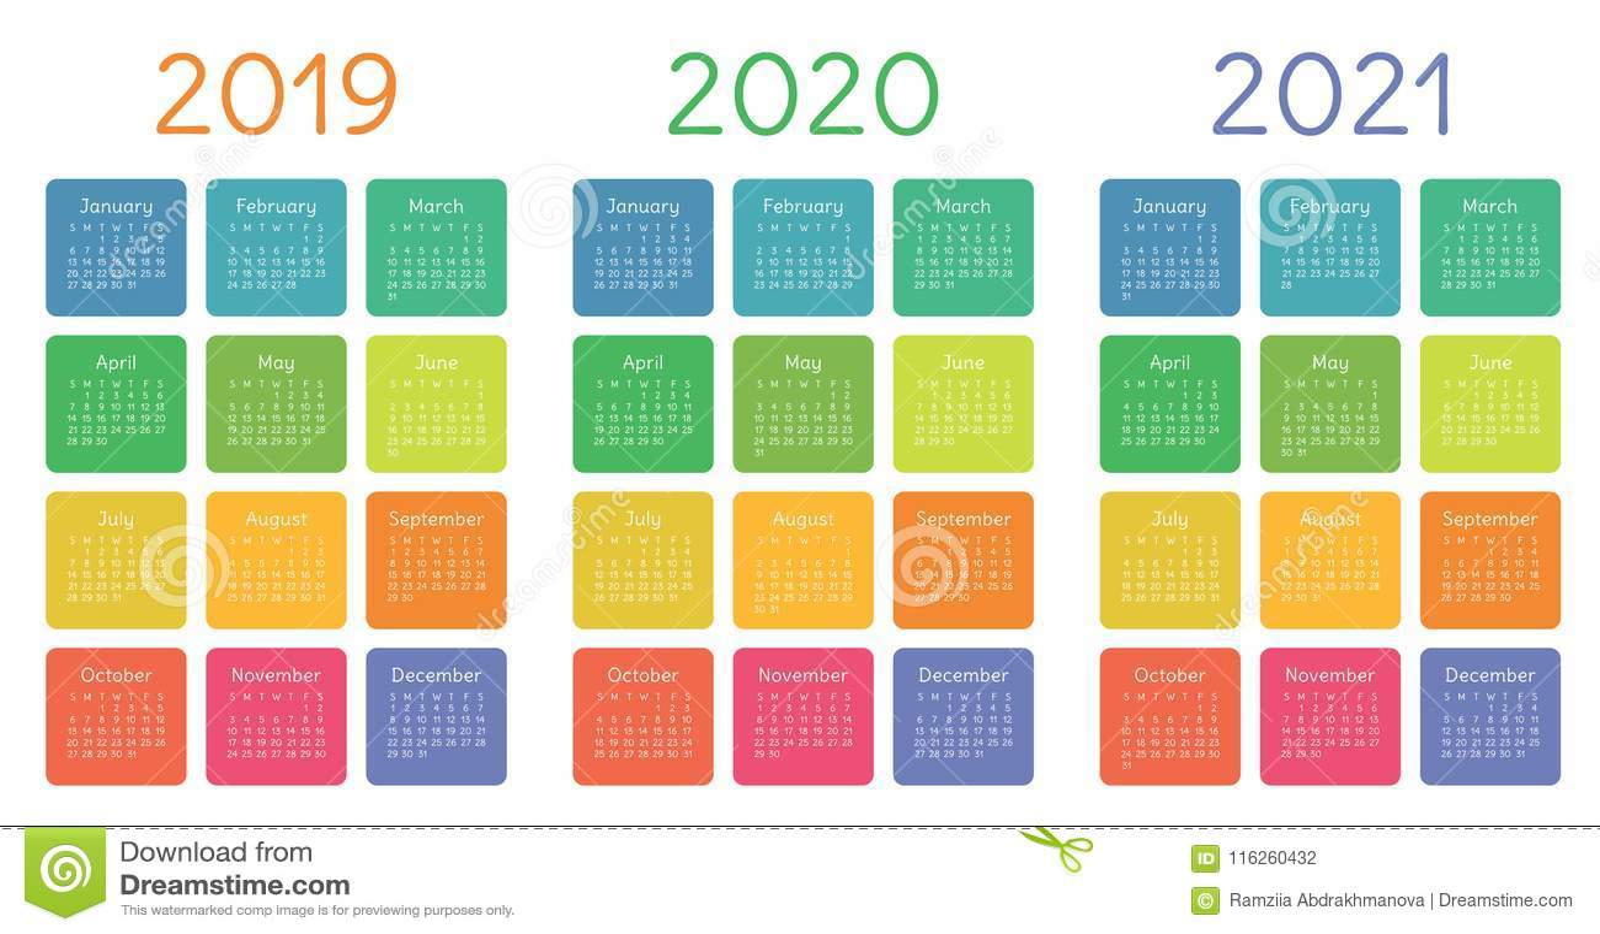 Calendrier 2019, Ensemble 2020 Et 2021 Débuts De Semaine Dimanche